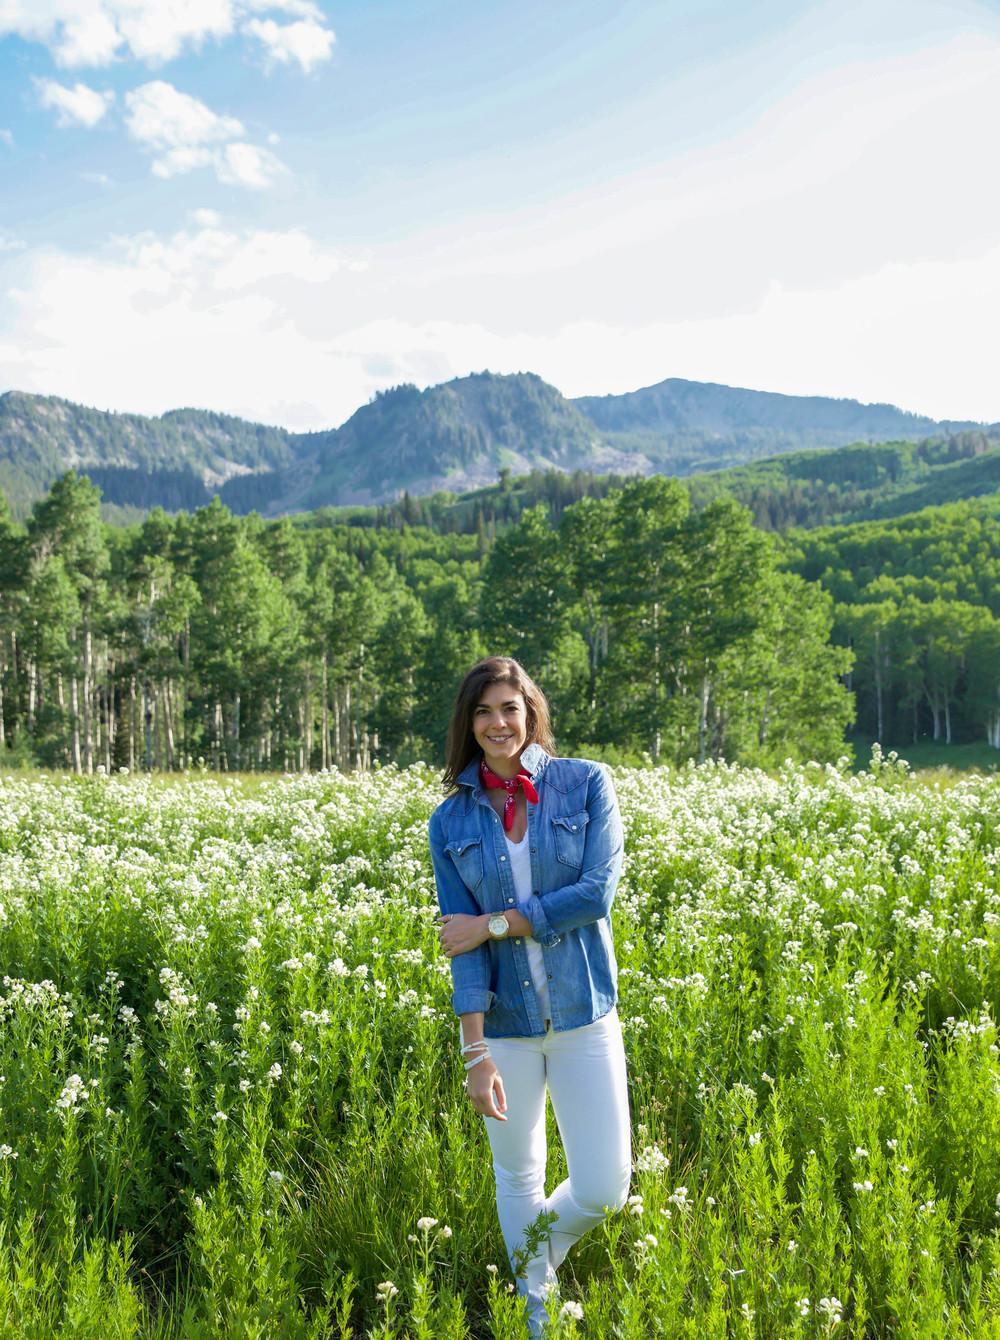 LaurenSchwaiger-Travel-Style-Blog-Deer-Valley-Utah.jpg